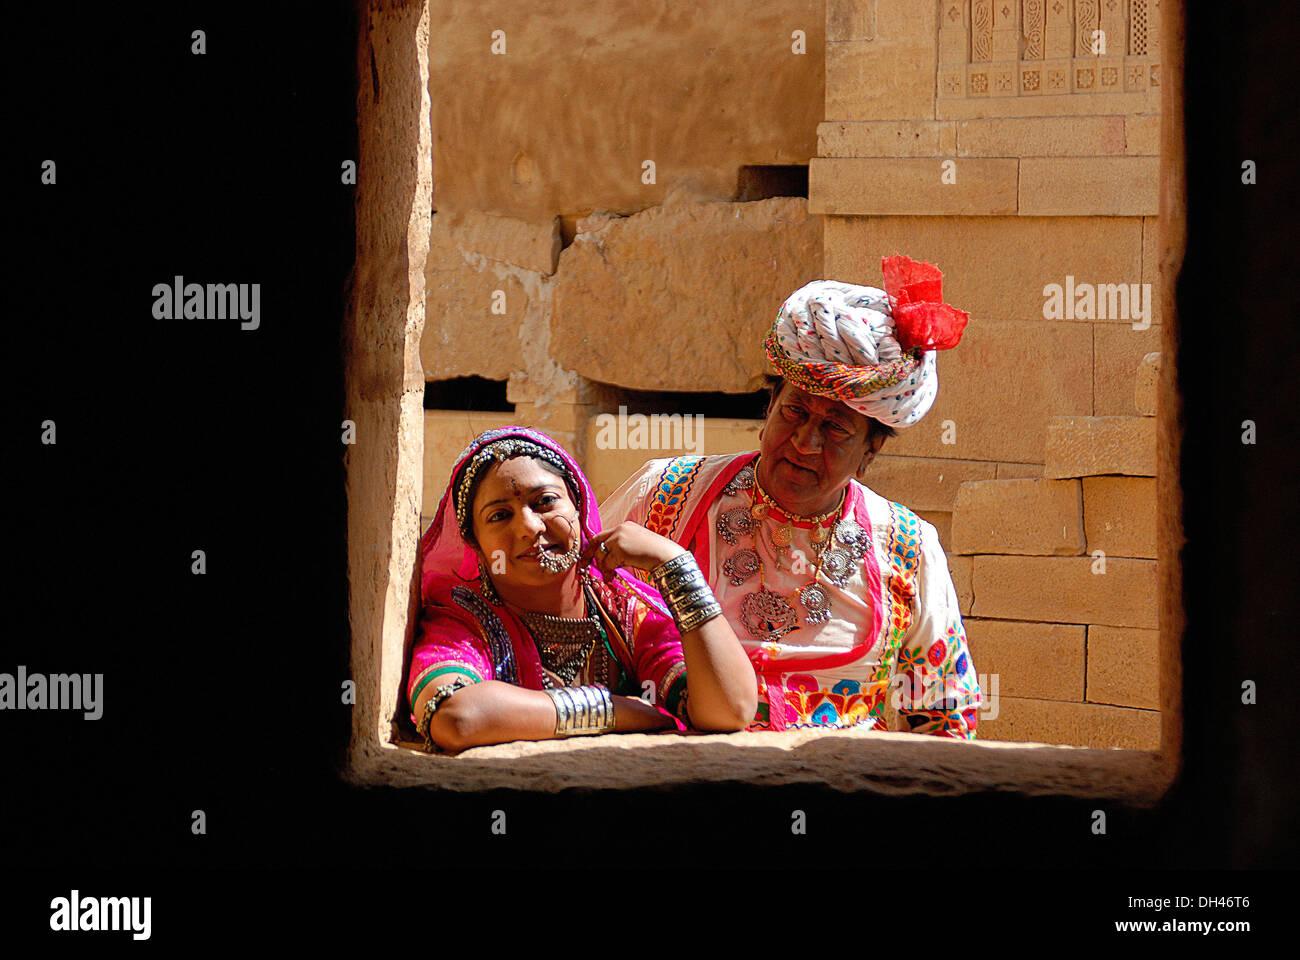 Indischer Mann und Frau in traditioneller Kleidung Jaisalmer Rajasthan Indien ASIEN HERR#784B&784C Stockfoto